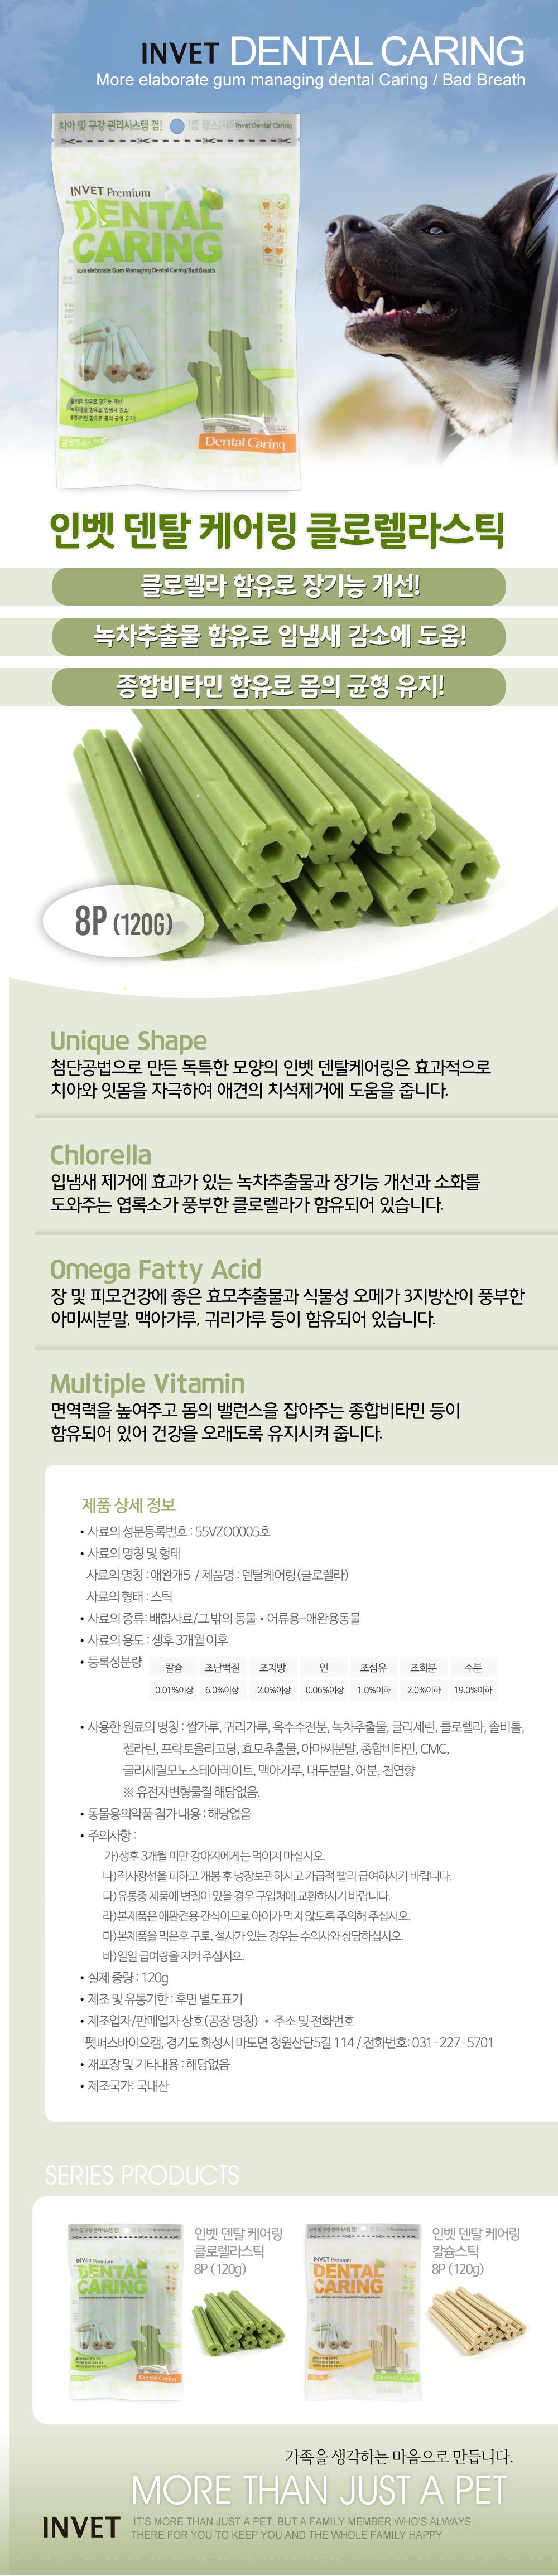 케어링(클로렐라)_수정.jpg